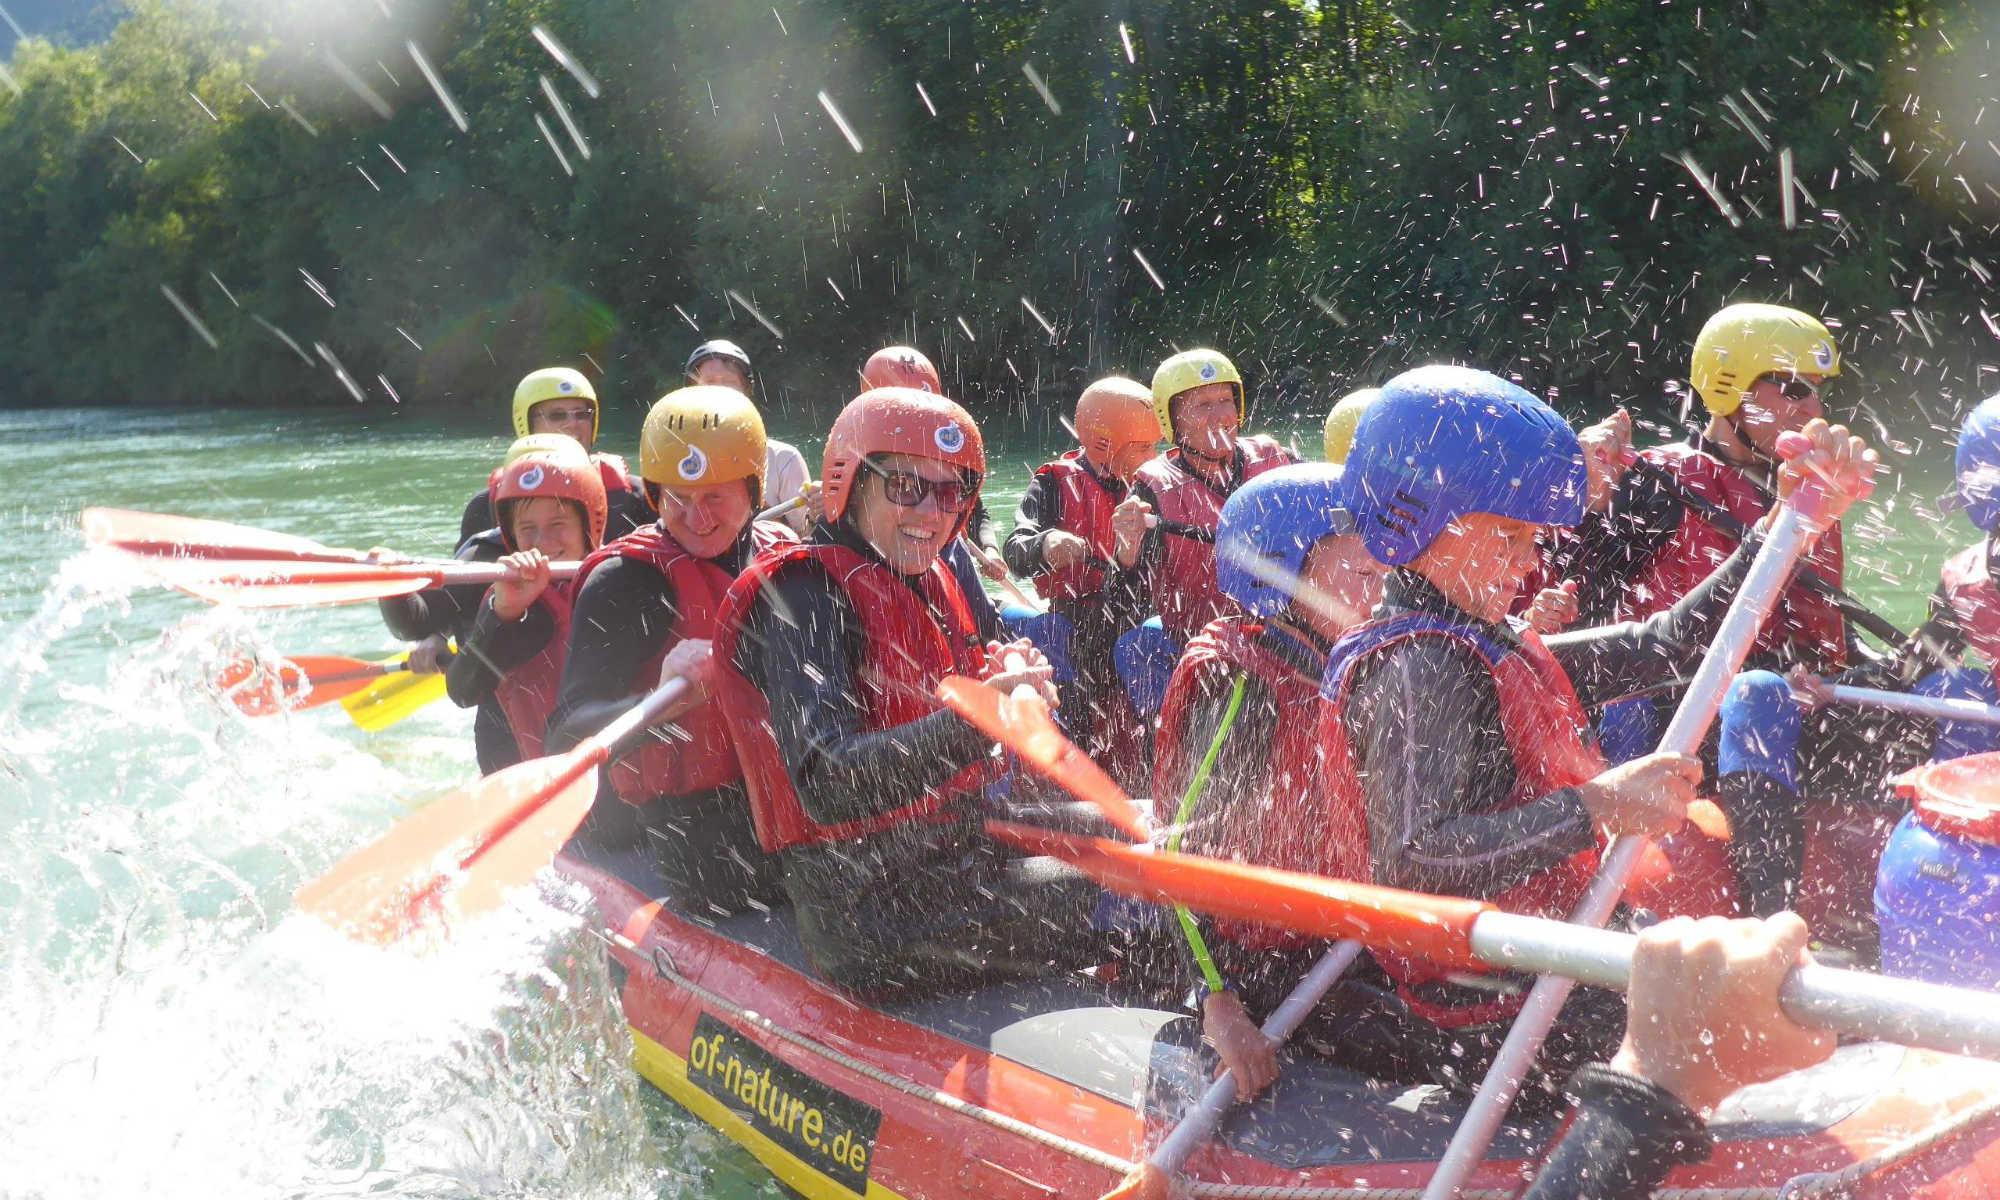 Eine große Gruppe wird bei einer Rafting Tour auf der Iller nassgespritzt.